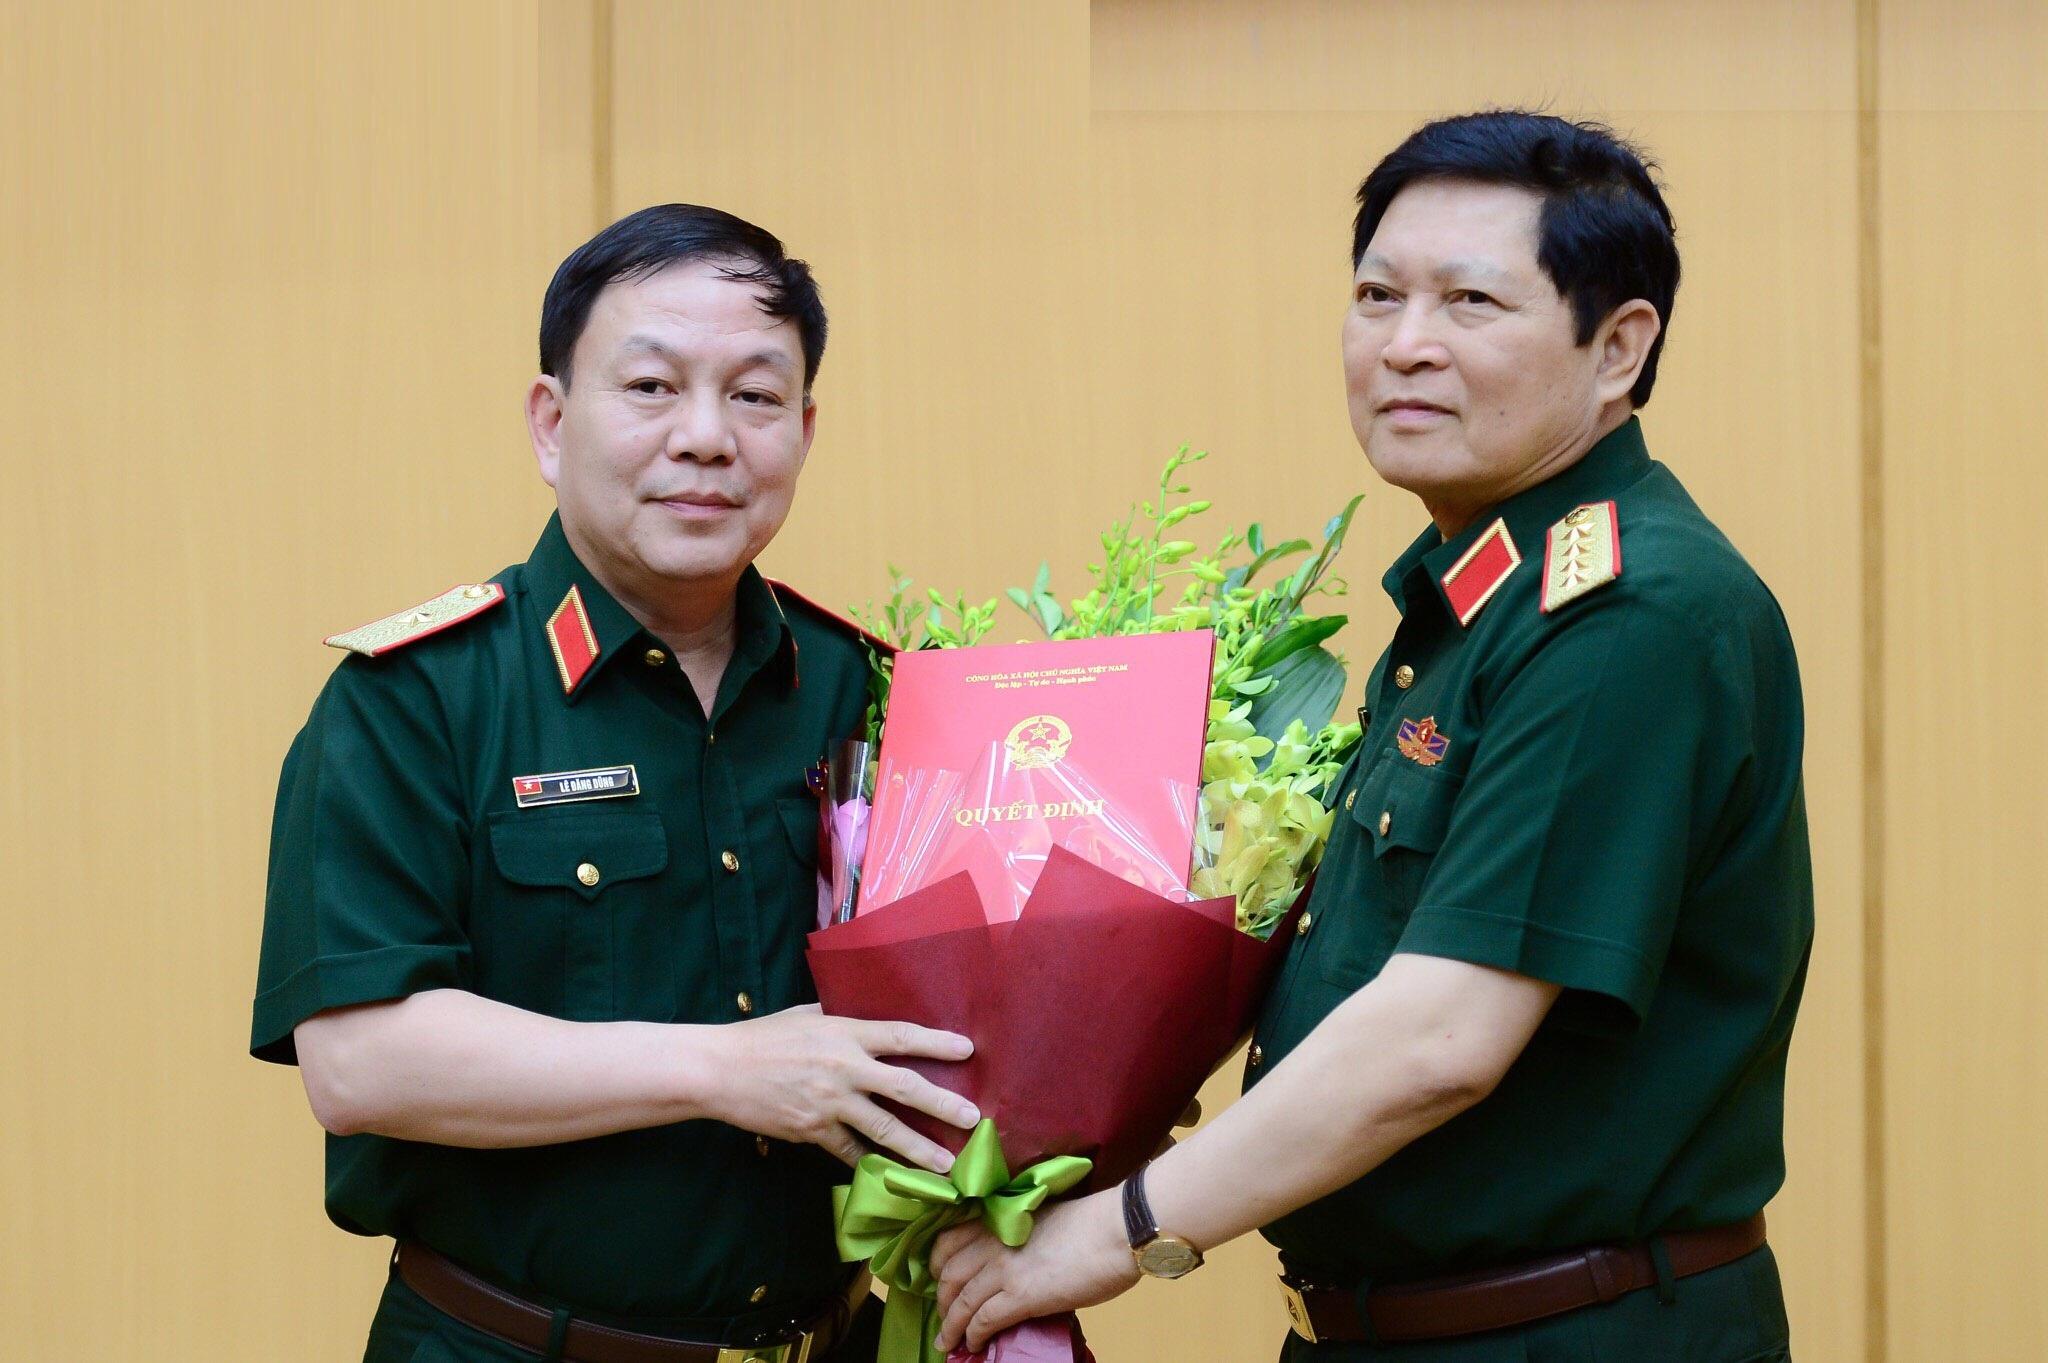 Thủ tướng giao quyền Chủ tịch - Tổng Giám đốc Viettel cho Thiếu tướng Lê Đăng Dũng